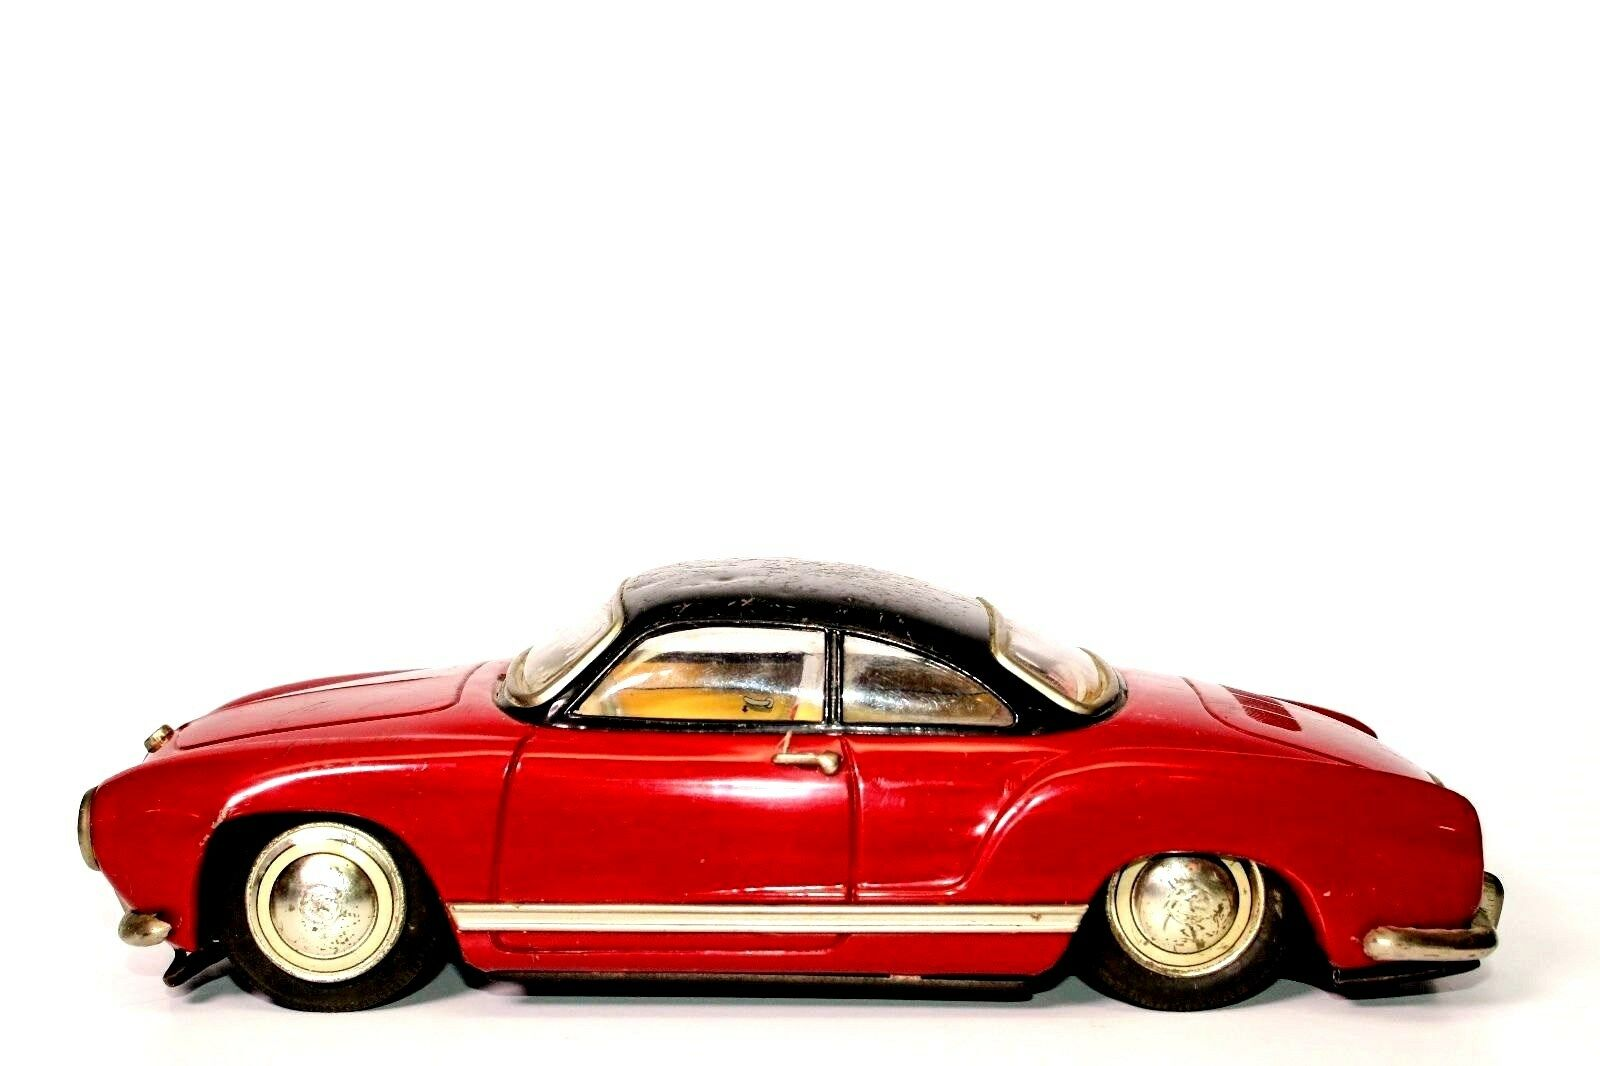 Sehr Selten Japanisch Blech Reibung Volkswagen Karmann Ghia 2-door Coupe von Atc